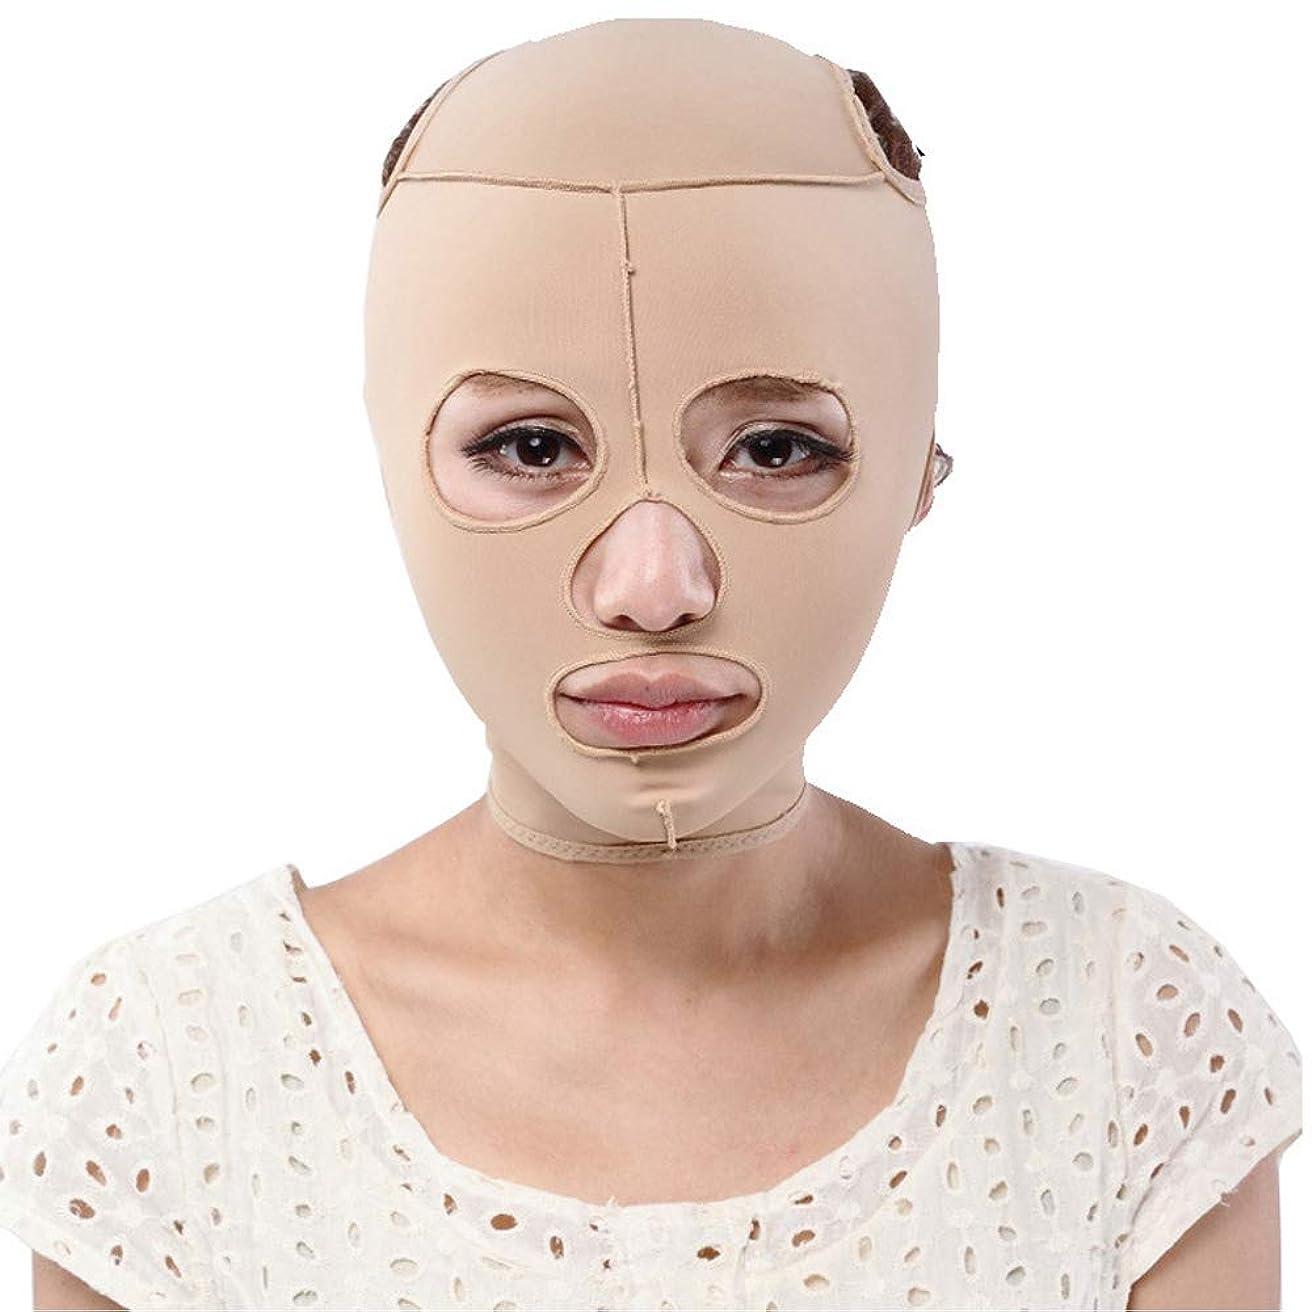 テナント第九損なう顔のしわのためのストラップフルフェイス超薄型チンスリミングバンドアンチリンクルレディフェイシャルアンチエイジングベルトマスク